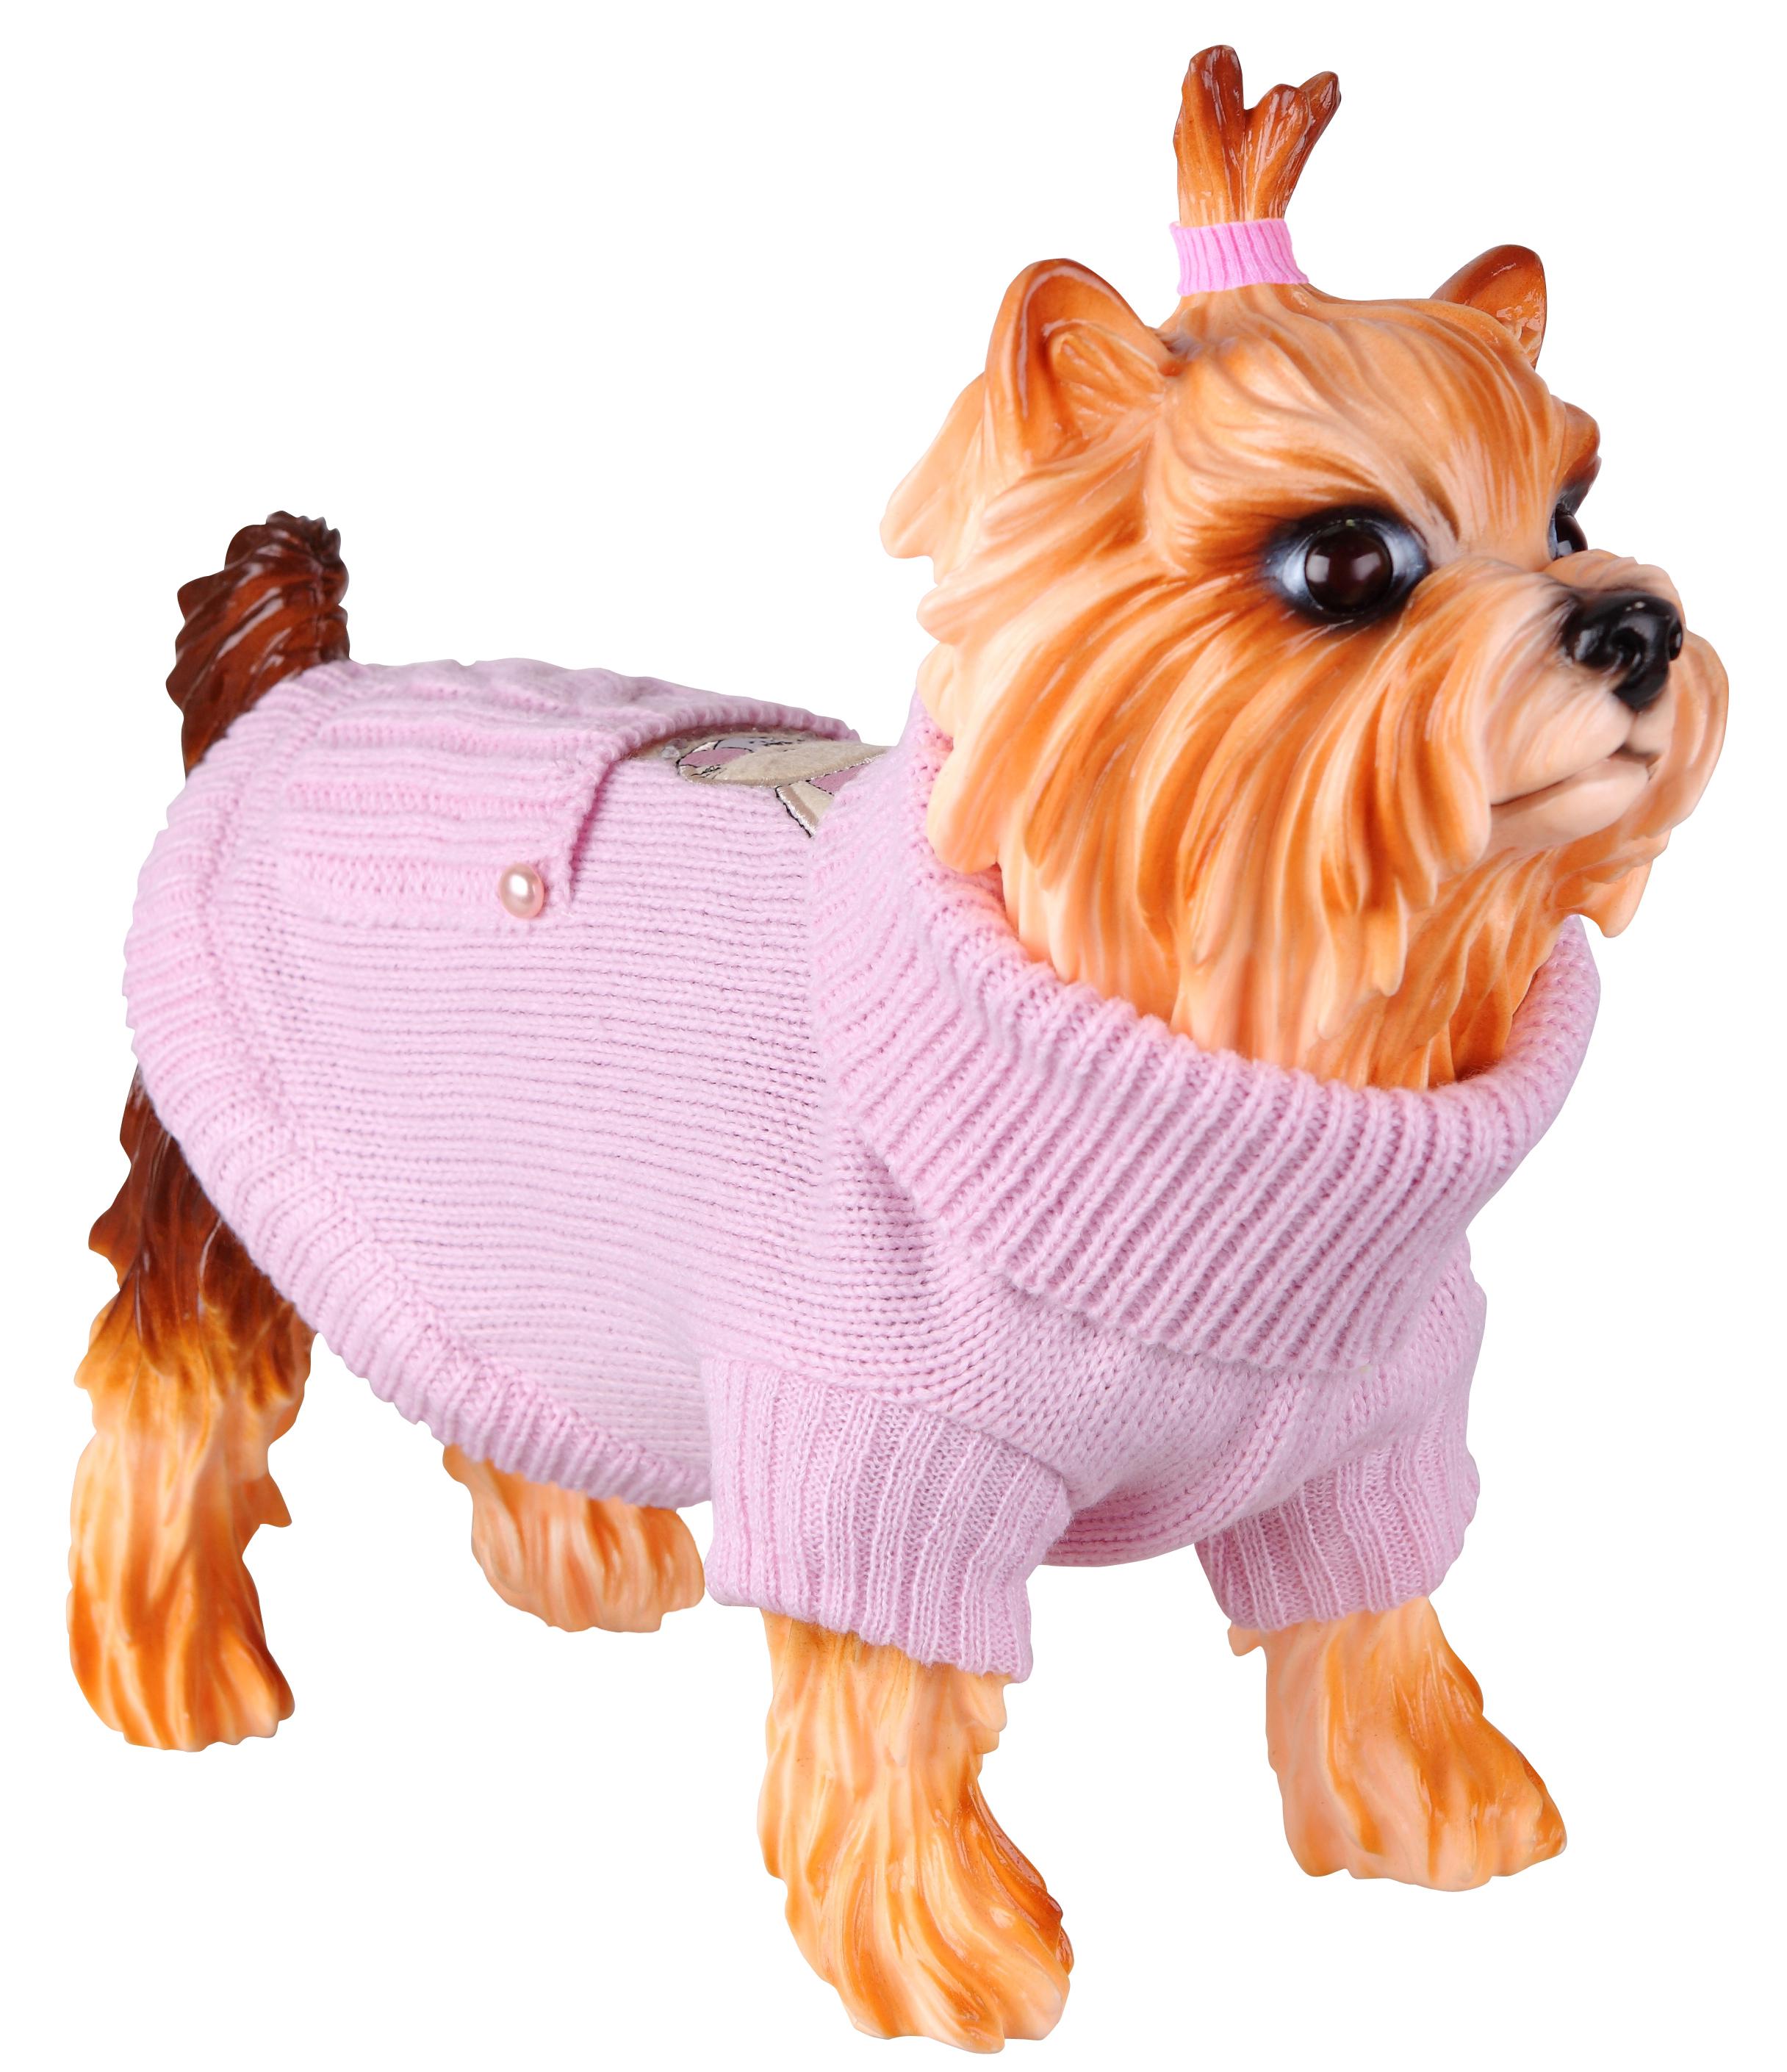 Свитер для собак DEZZIE размер M унисекс, розовый, длина спины 35 см фото